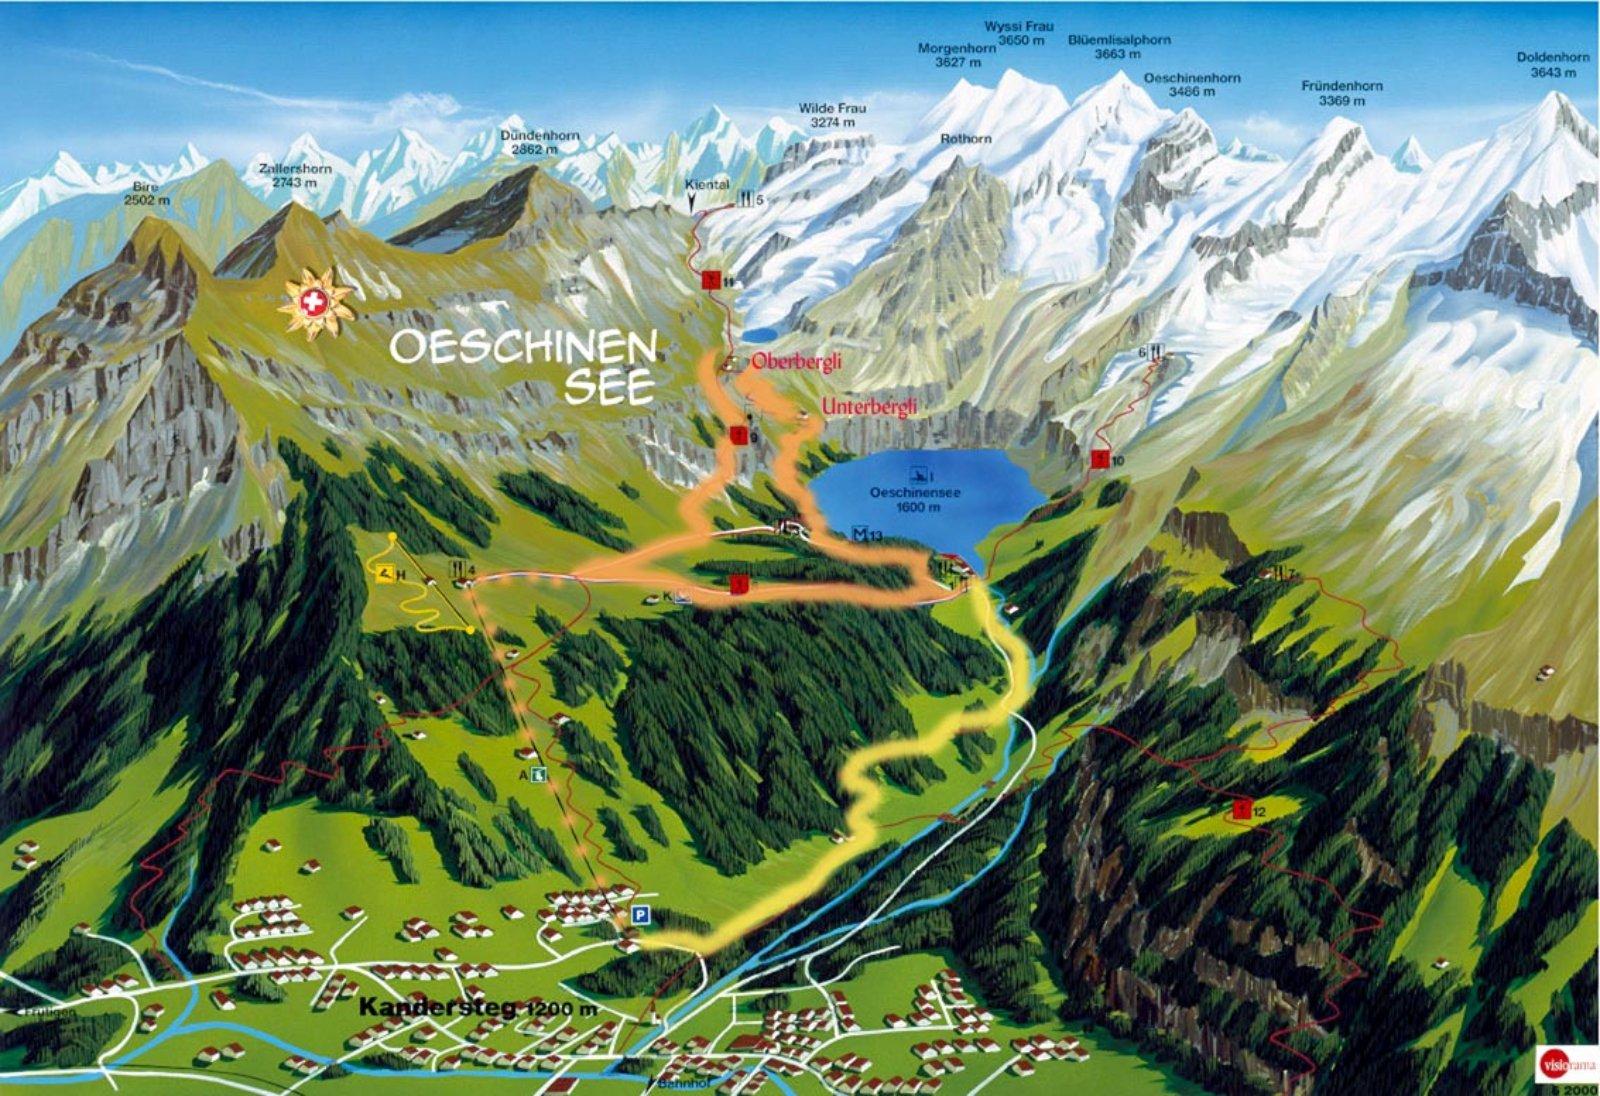 Photo: Öschinensee - Karte, Kandersteg - mehr Informationen:  http://pagewizz.com/ausflug-zum-oeschinensee-im-berner-oberland-auch-fuer-behinderte/